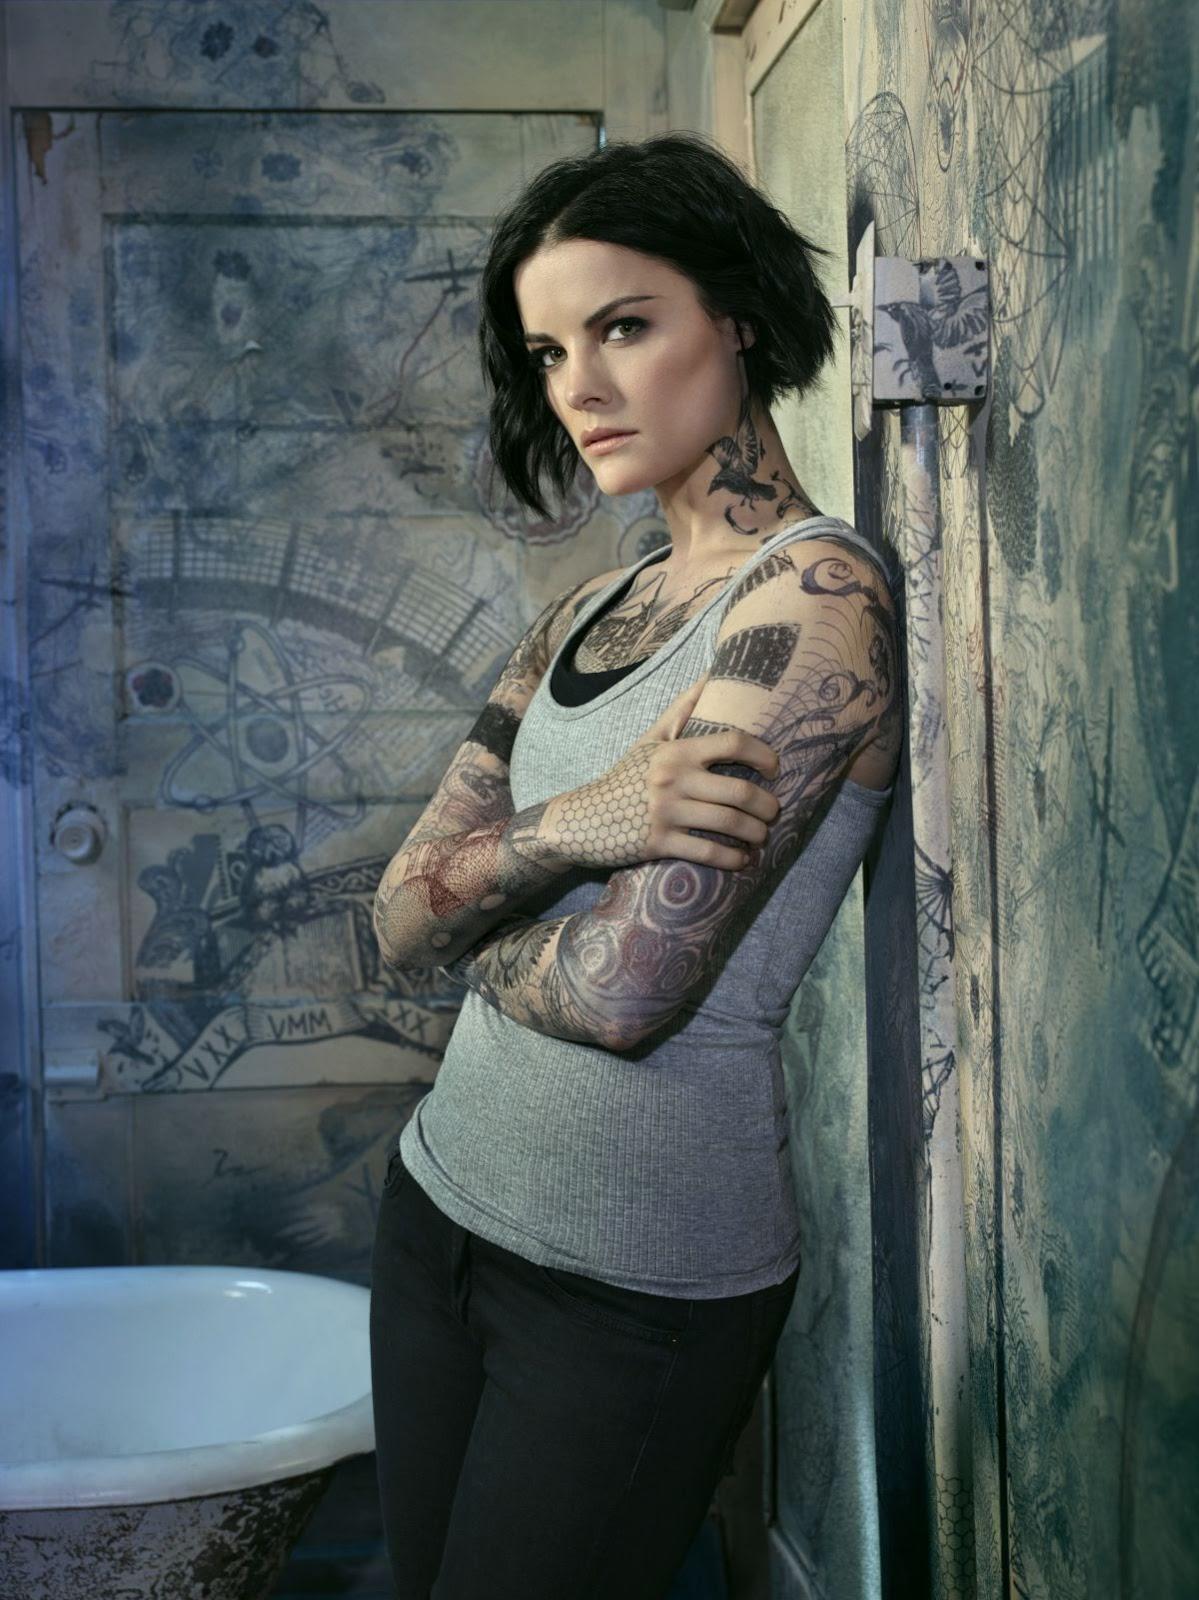 HQ Hot & Sexy Wallpapers of Marvel Comics Actress Jaimie Alexander Blindspot Season 2 Promos